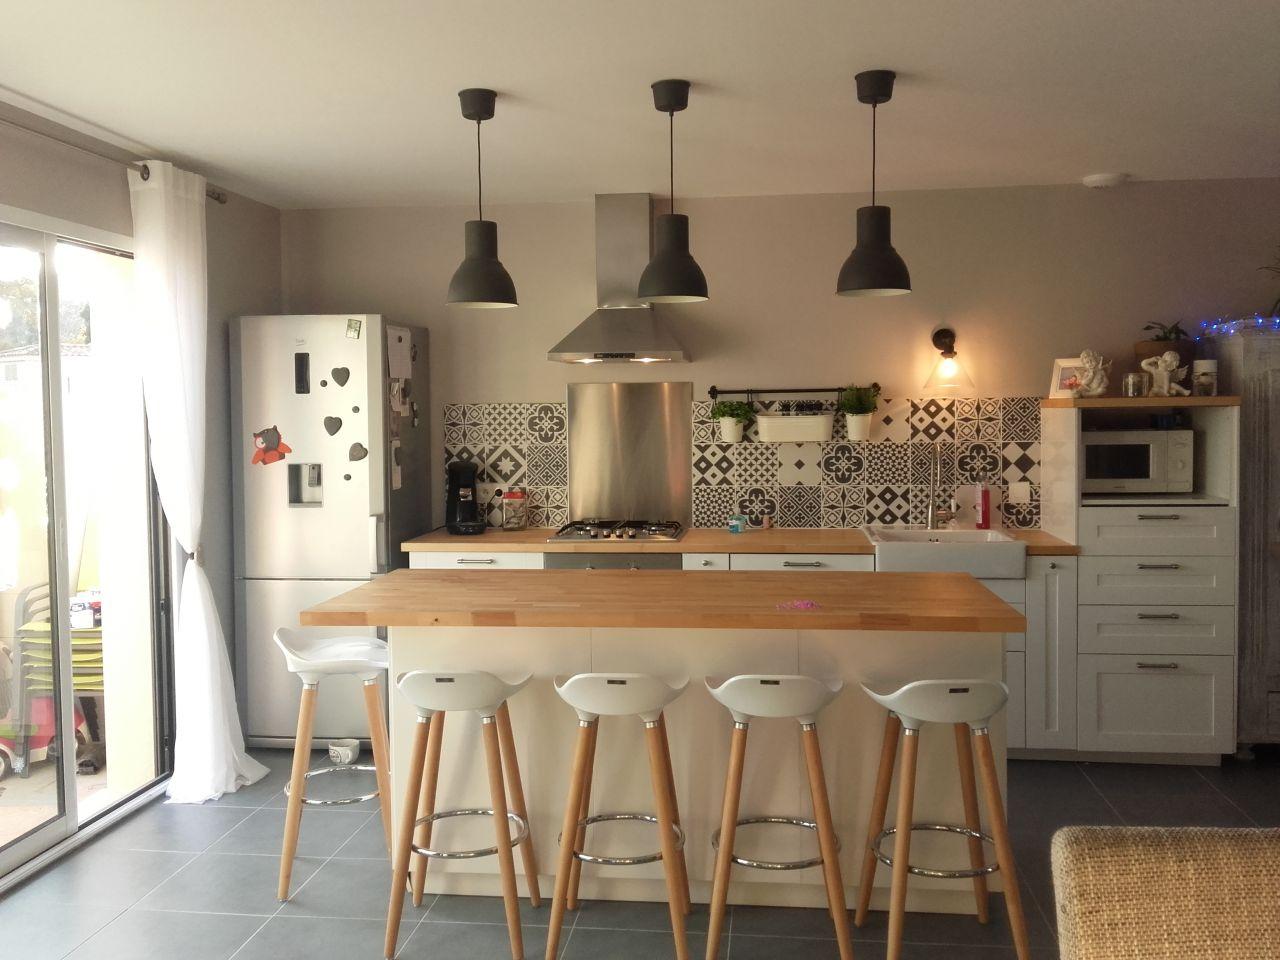 Cuisine 44m2 cuisine meubles blancs - Bedarrides (Vaucluse - 84) - décembre 2016